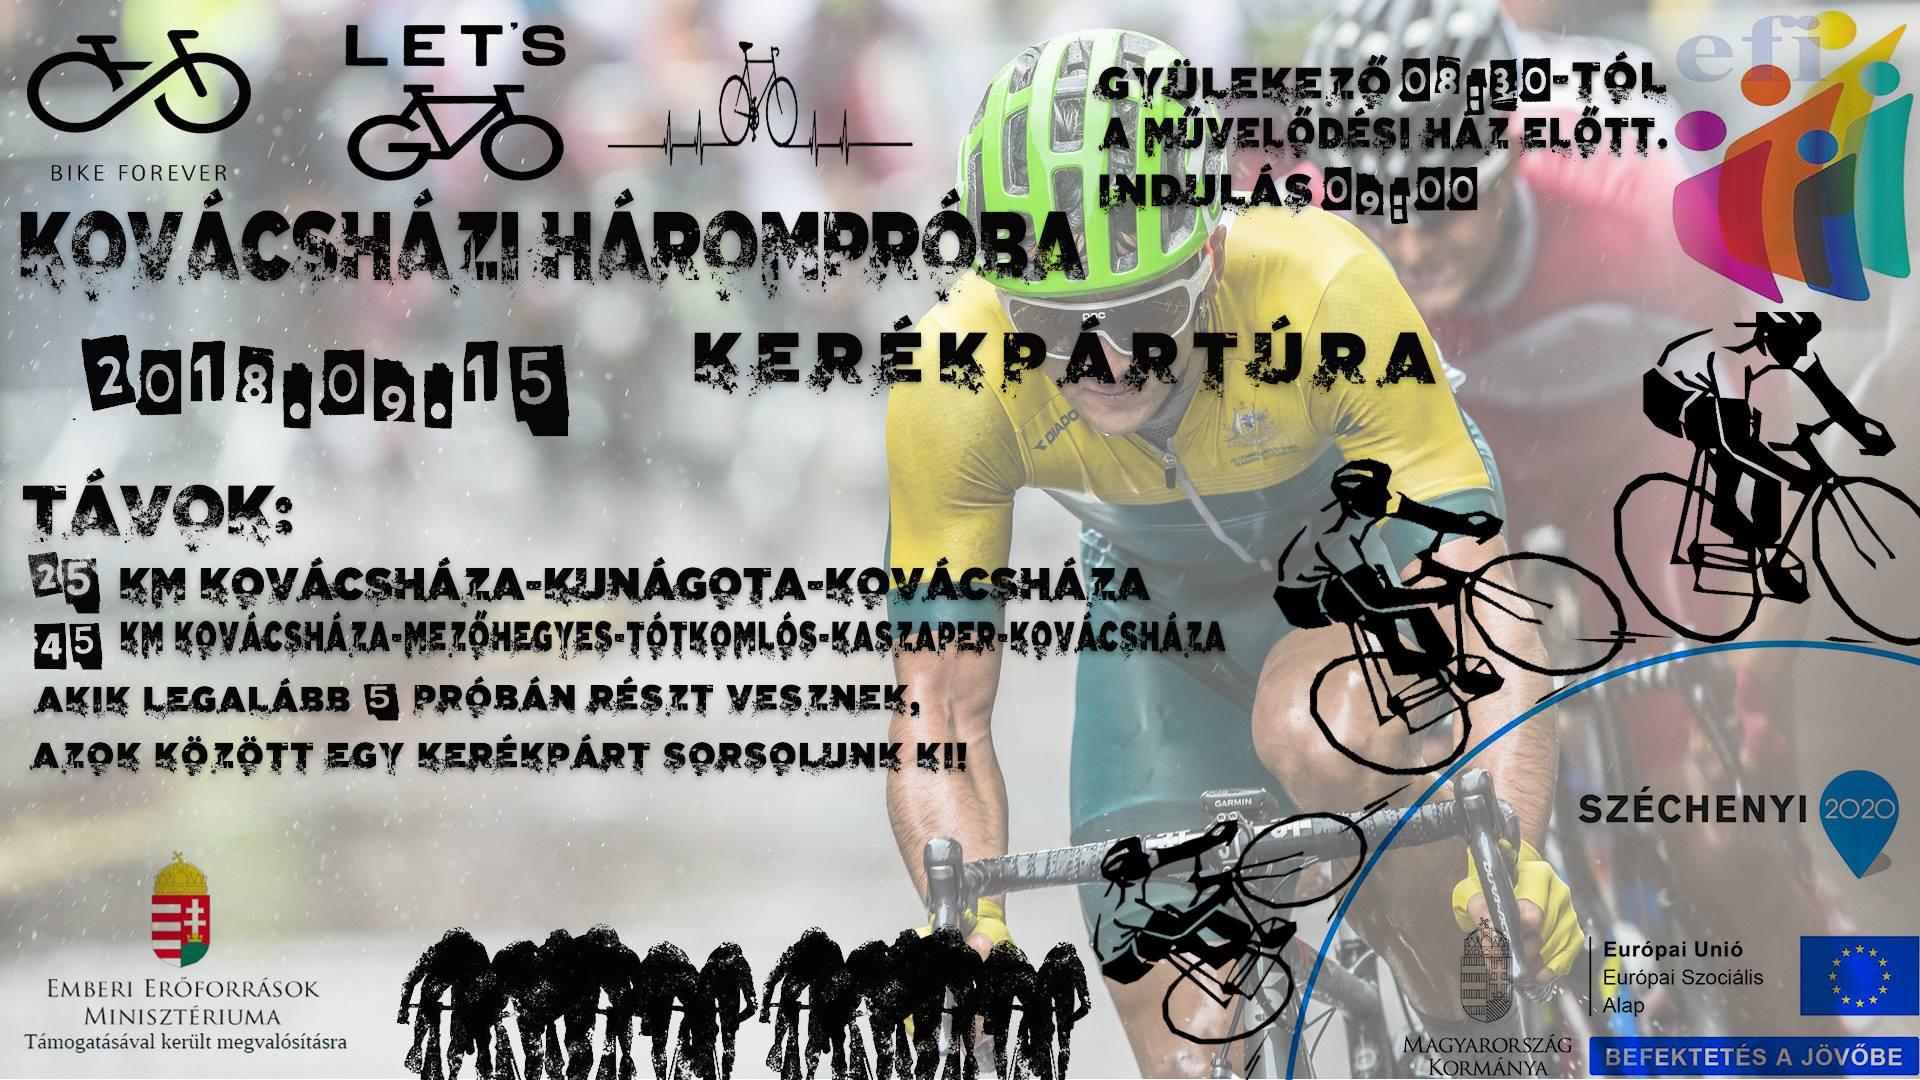 Kovácsházi_Hárompróba_kerékpár